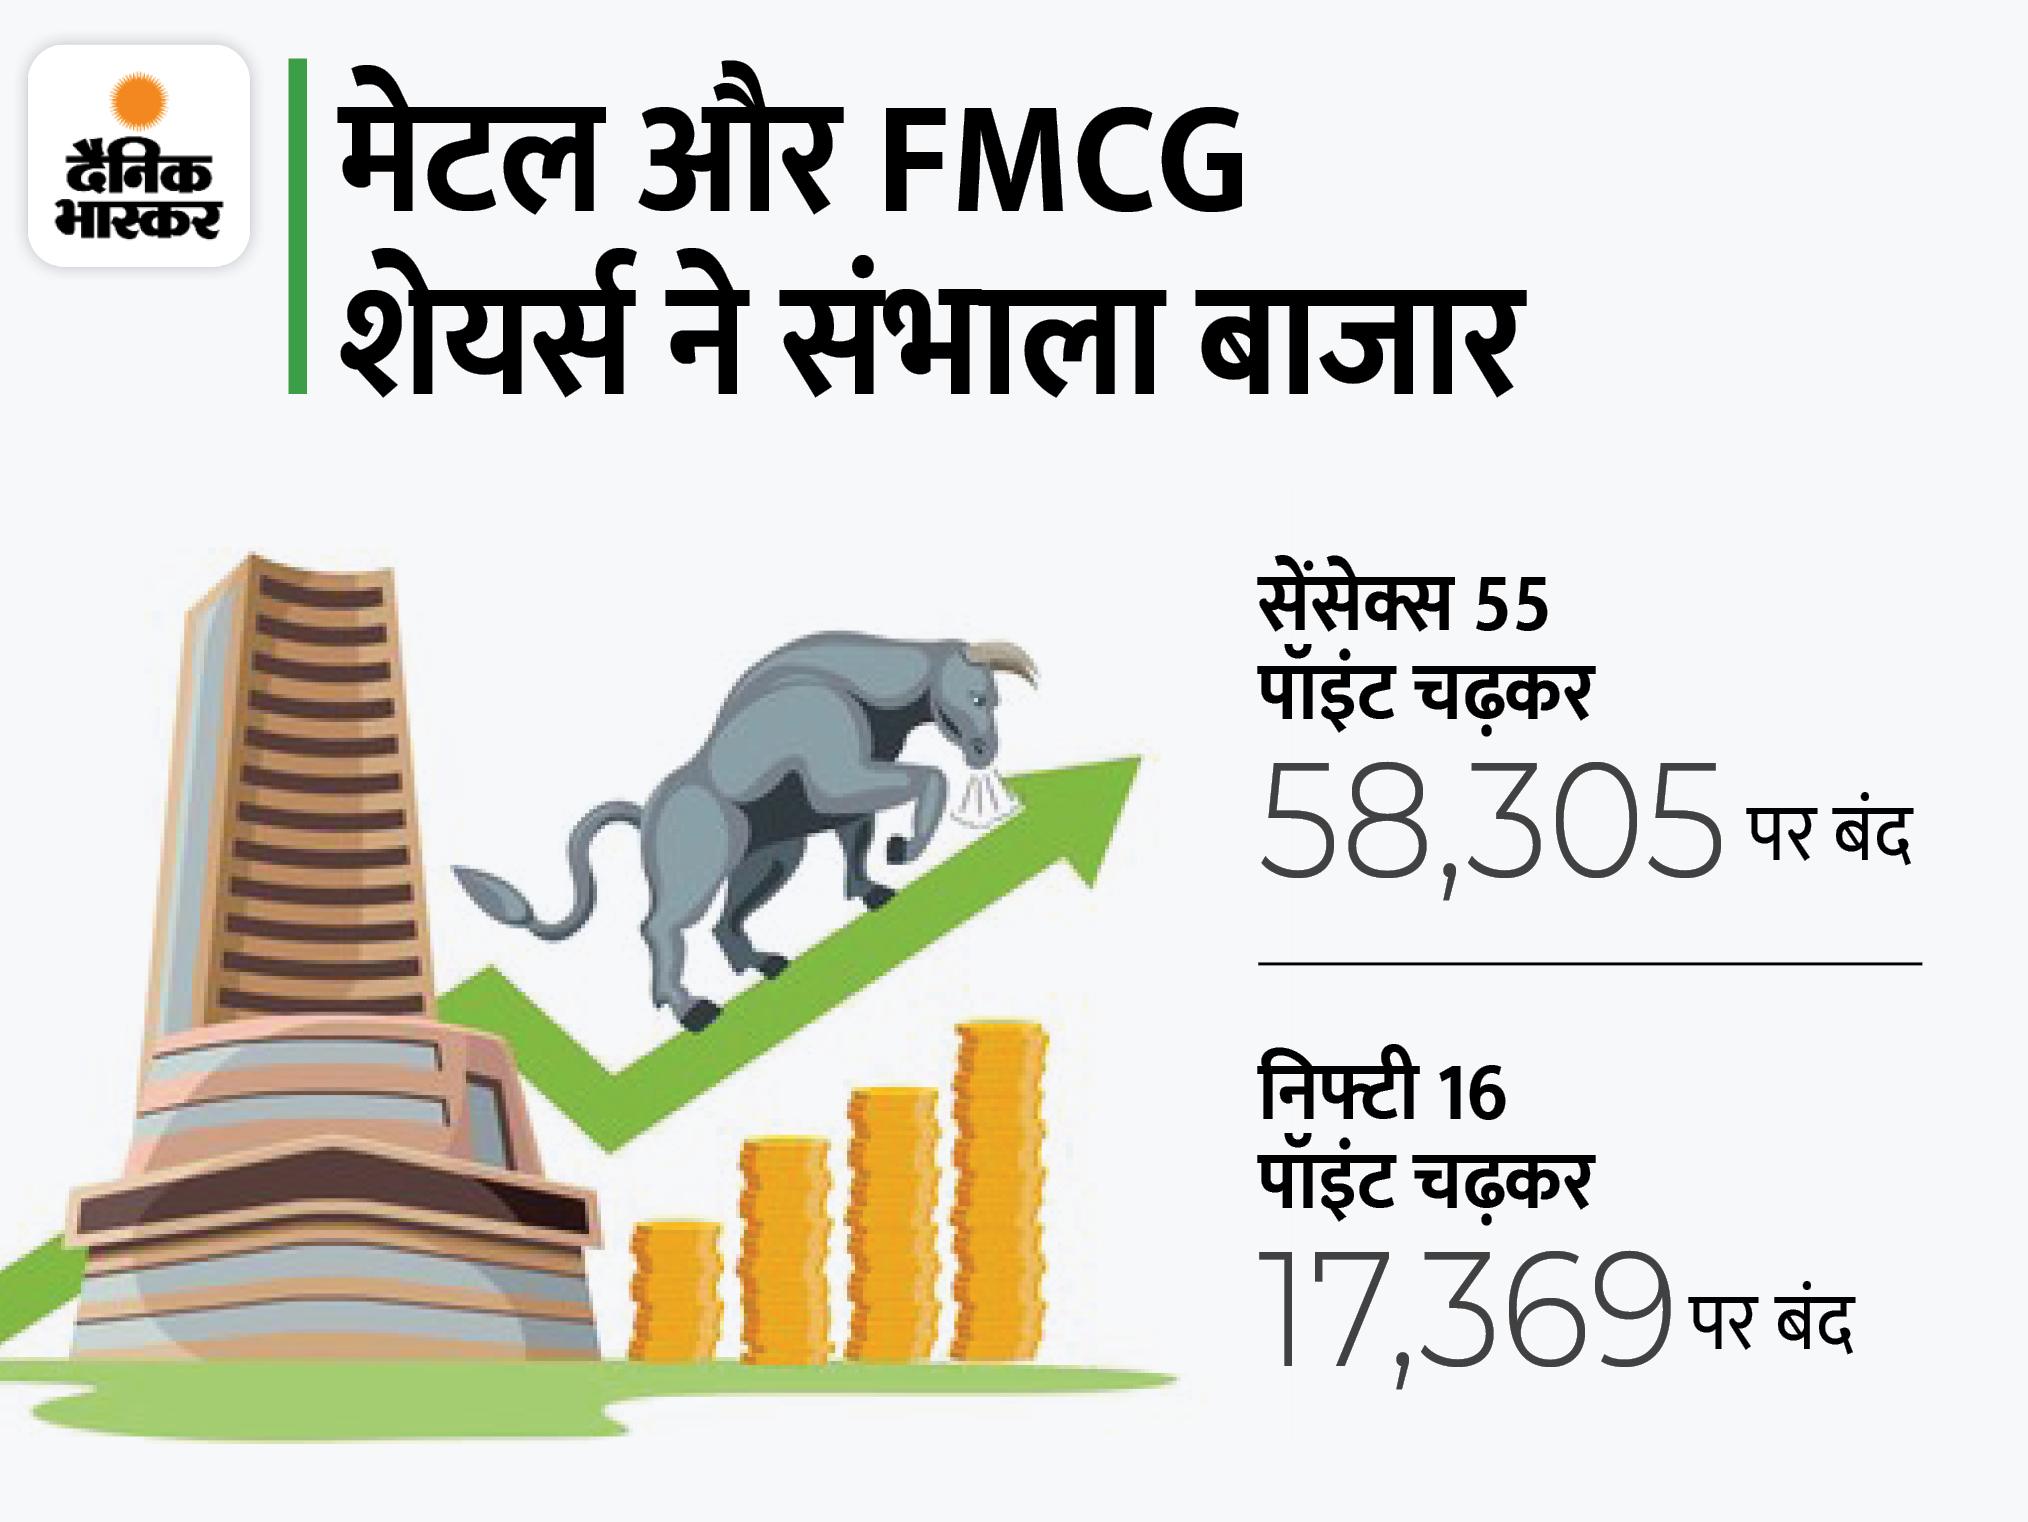 दिनभर के उतार-चढ़ाव के बाद सेंसेक्स 58300 और निफ्टी 17350 के ऊपर बंद, FMCG, और मेटल शेयर्स का मिला सपोर्ट|बिजनेस,Business - Dainik Bhaskar